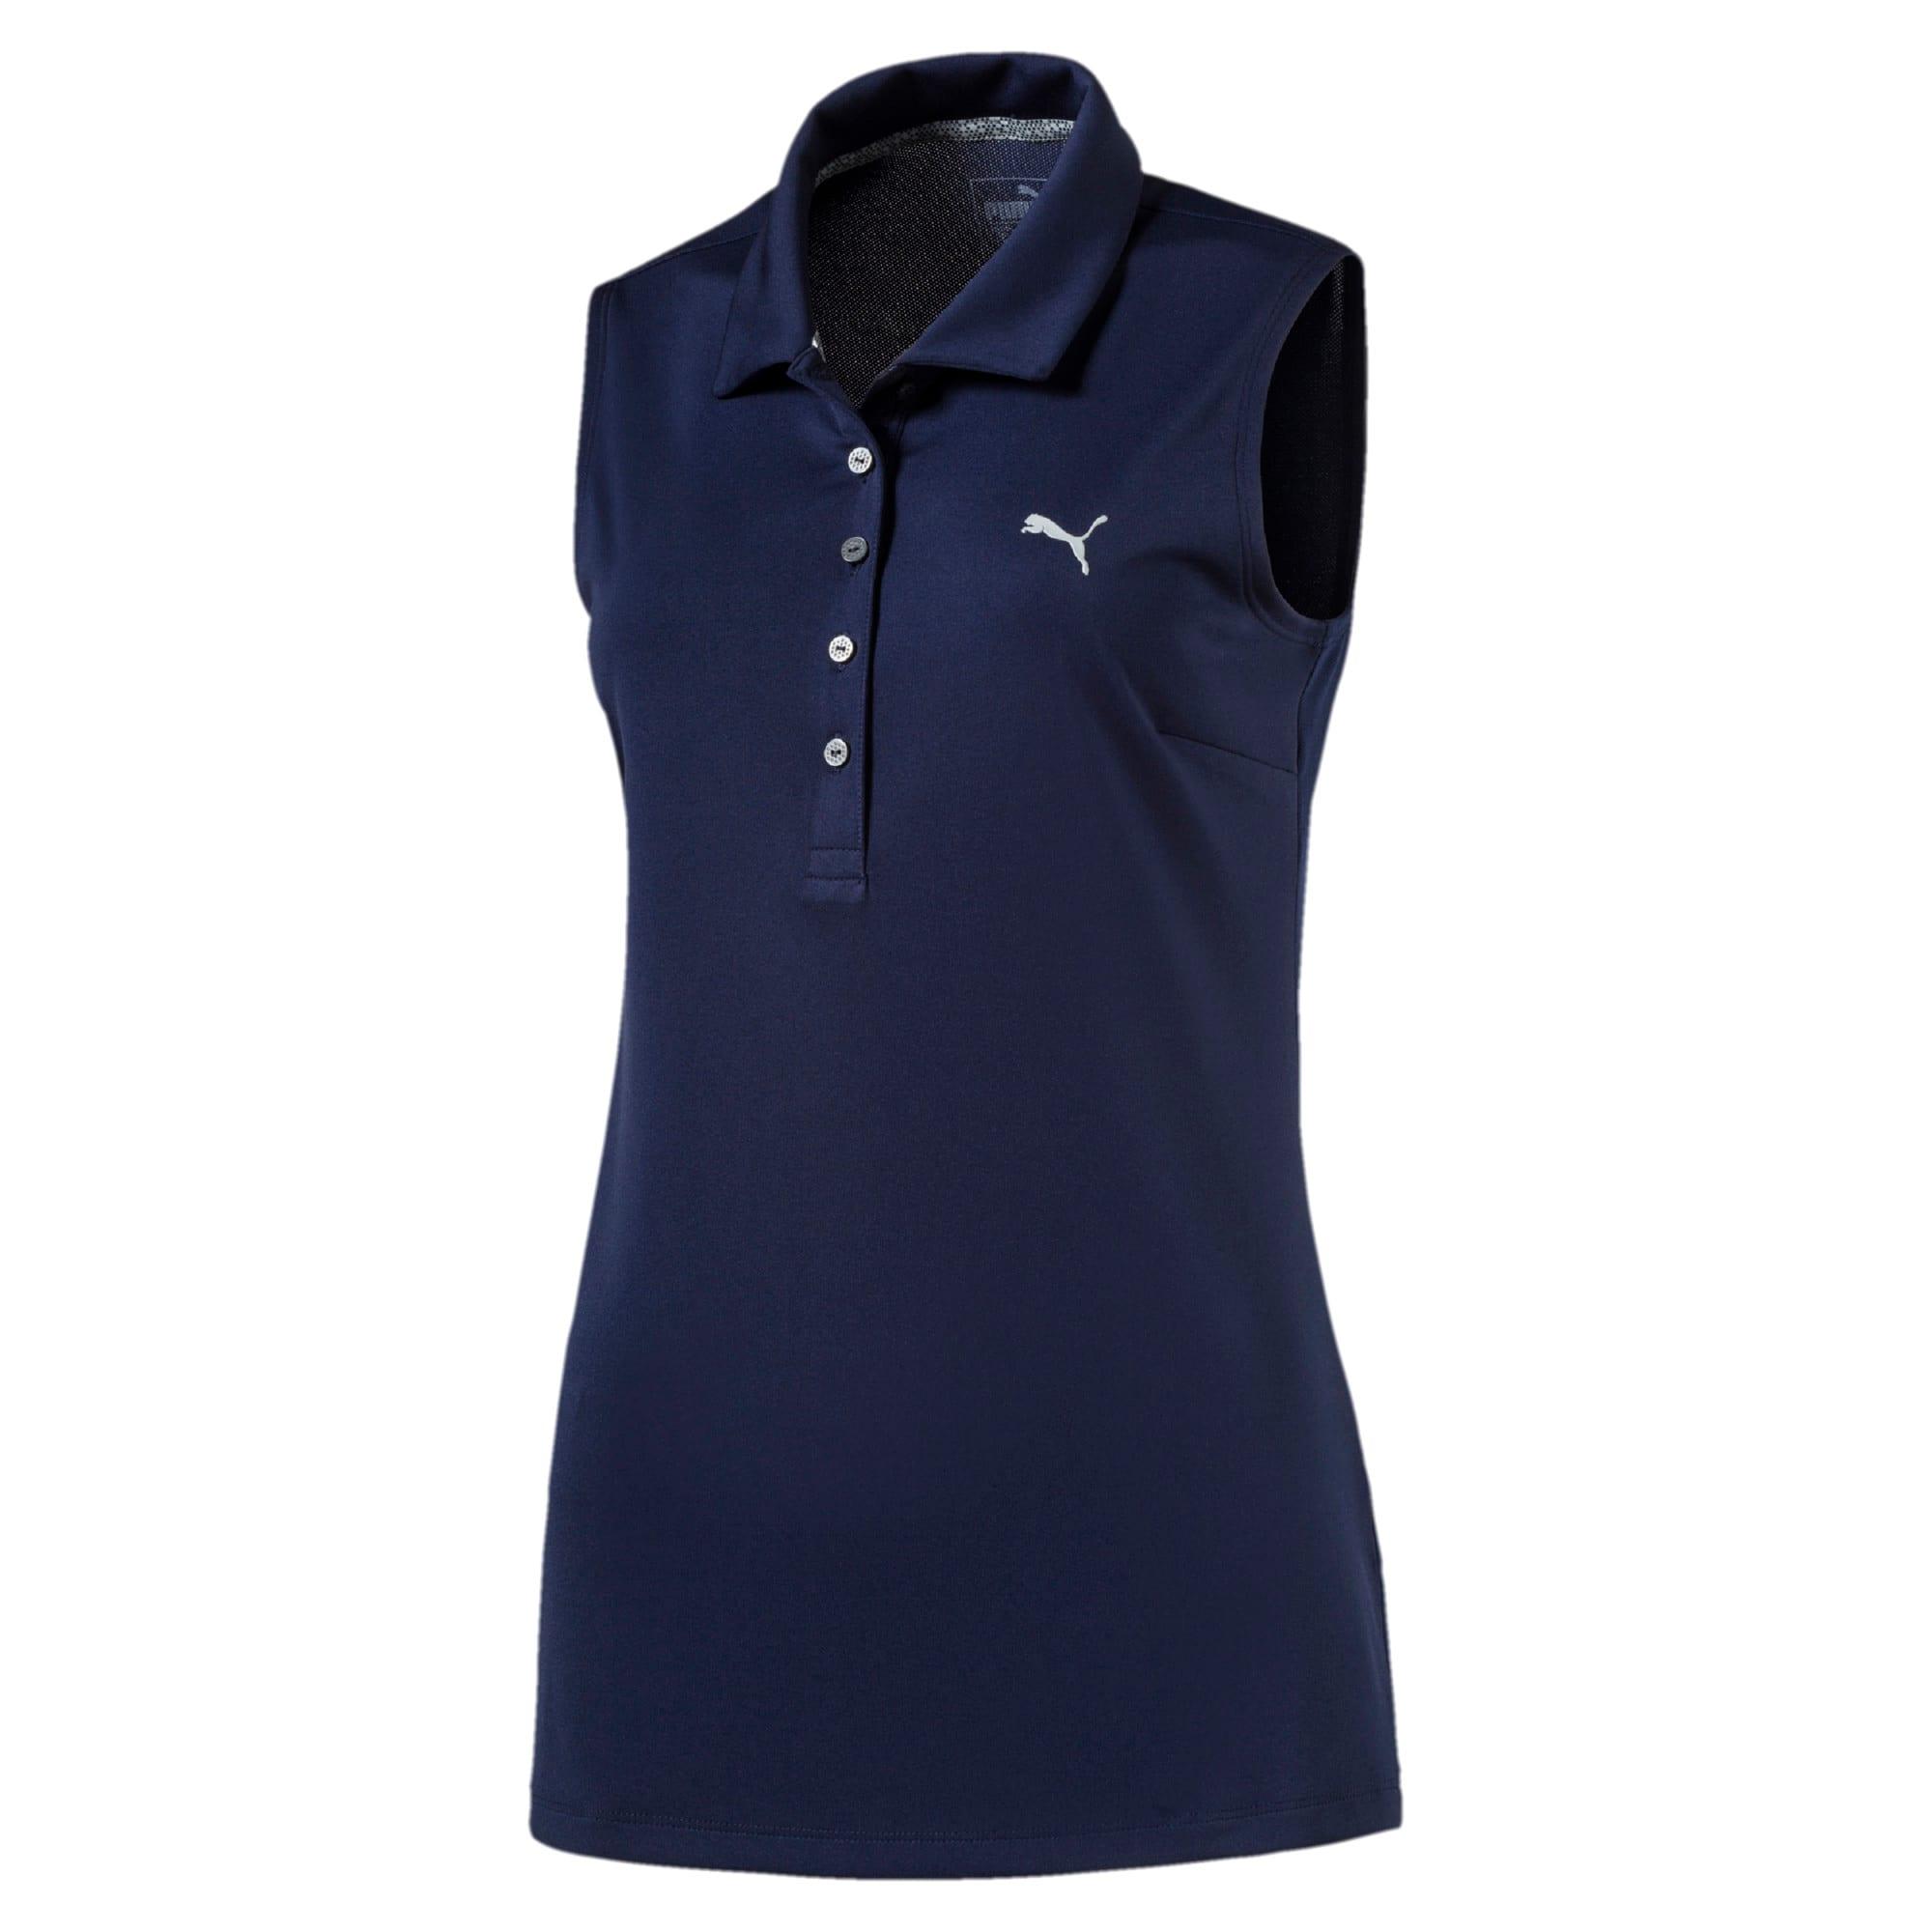 Thumbnail 4 of Golf Women's Pounce Sleeveless Polo, Peacoat, medium